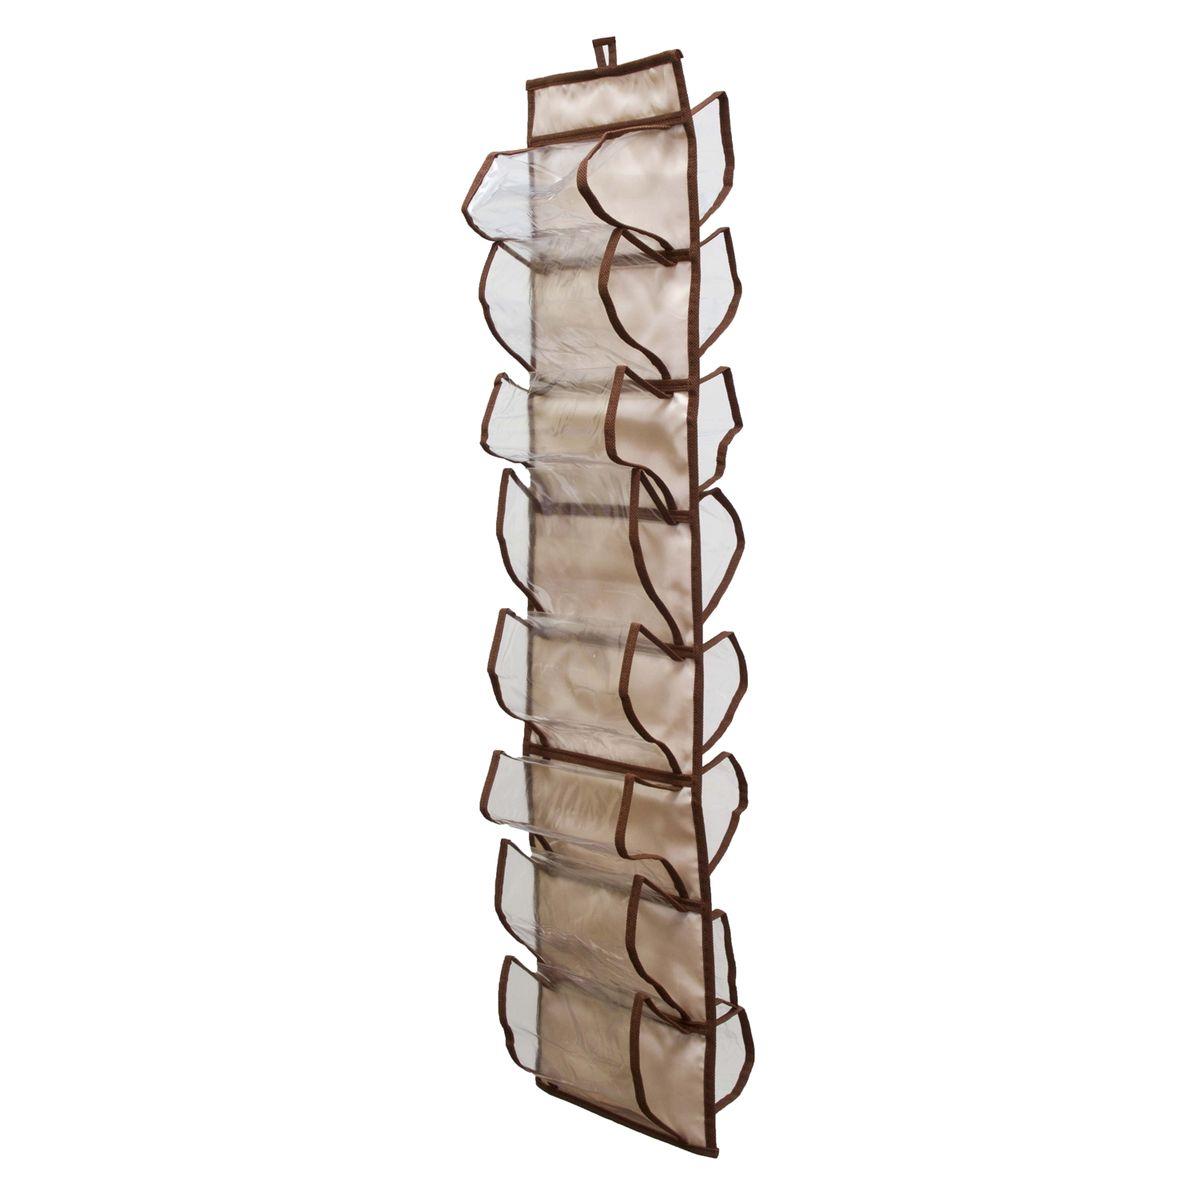 Органайзер для хранения шарфов и мелочей Homsu Bora-Bora, подвесной, 20 х 80 см органайзер для хранения обуви homsu bora bora 52 х 26 х 12 см